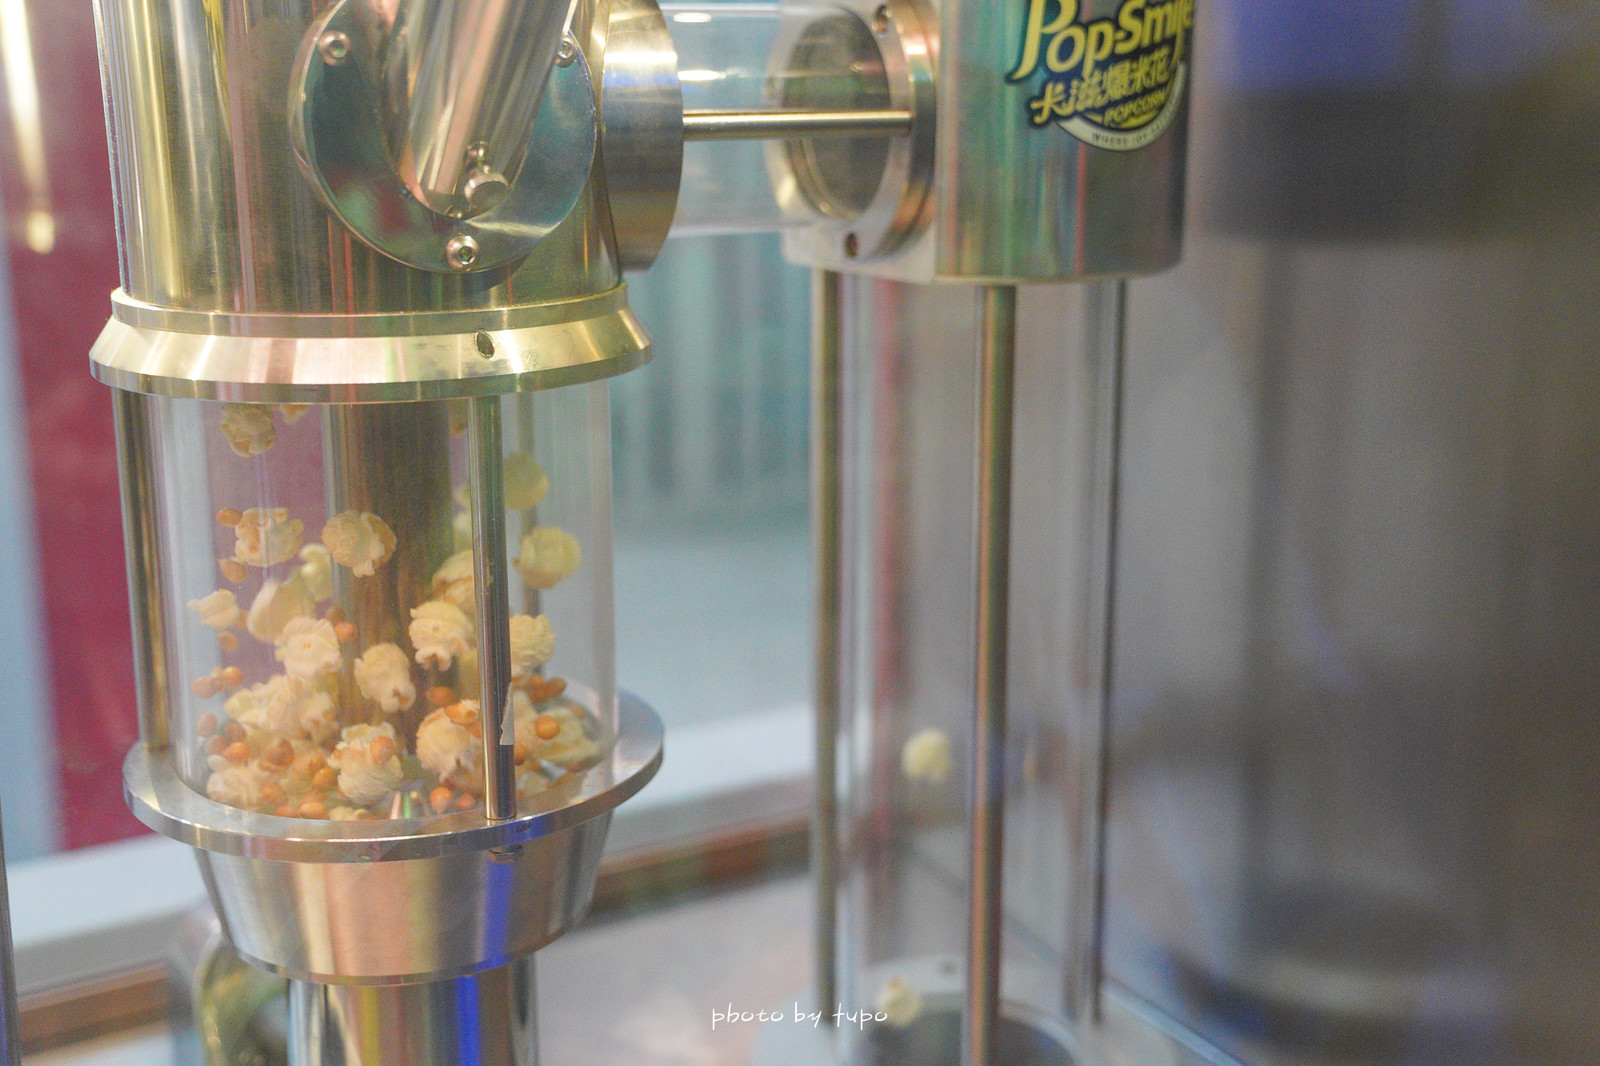 新北八里景點》卡滋爆米花觀光工廠樂園~巨大爆米花桶!多款爆米花試吃,爆米花DIY,處處都好拍